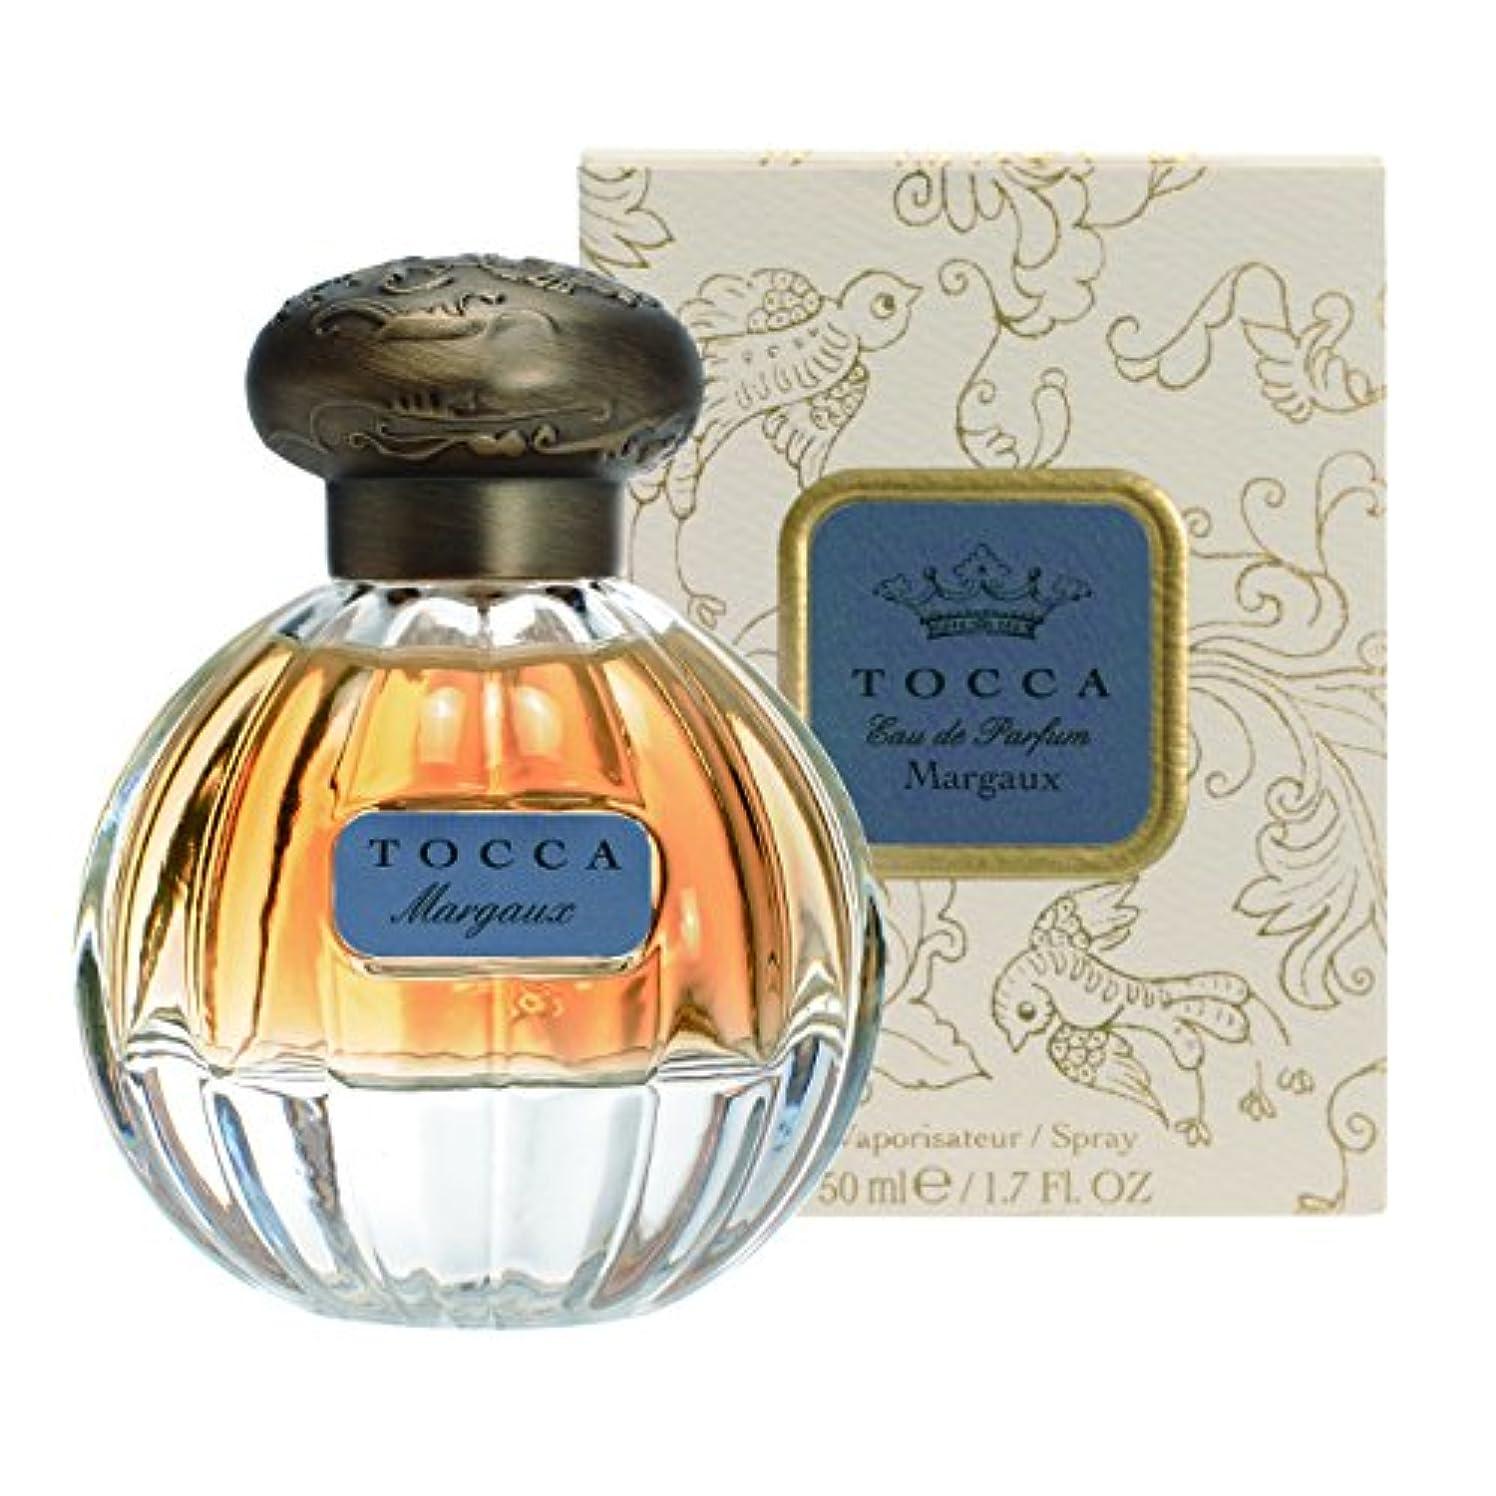 内向きひらめき締め切りトッカ(TOCCA) オードパルファム マルゴーの香り 50ml(香水 永遠の愛を思わせるフローラルとカシミヤウッド、ムスクの甘い温かみにバニラのアクセントが加わった香り)